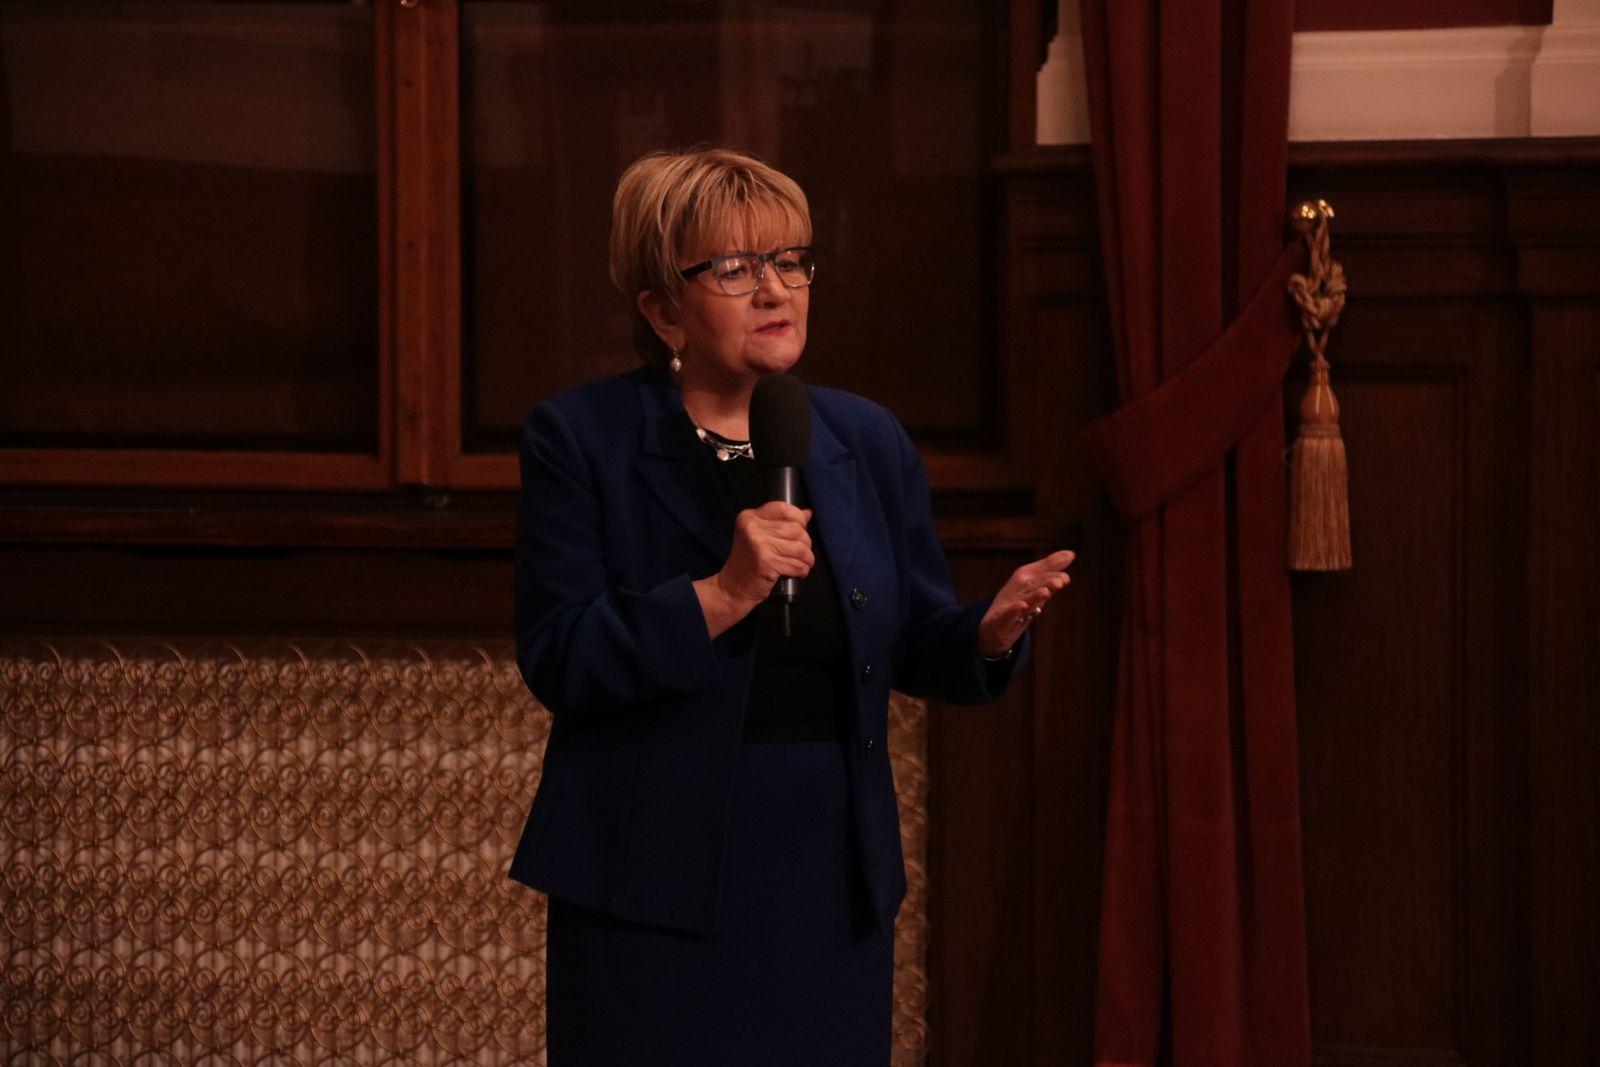 Alicja Kobus, wiceprzewodniczącą Związku Gmin Wyznaniowych Żydowskich w RP i przewodniczącą Gminy Żydowskiej w Poznaniu